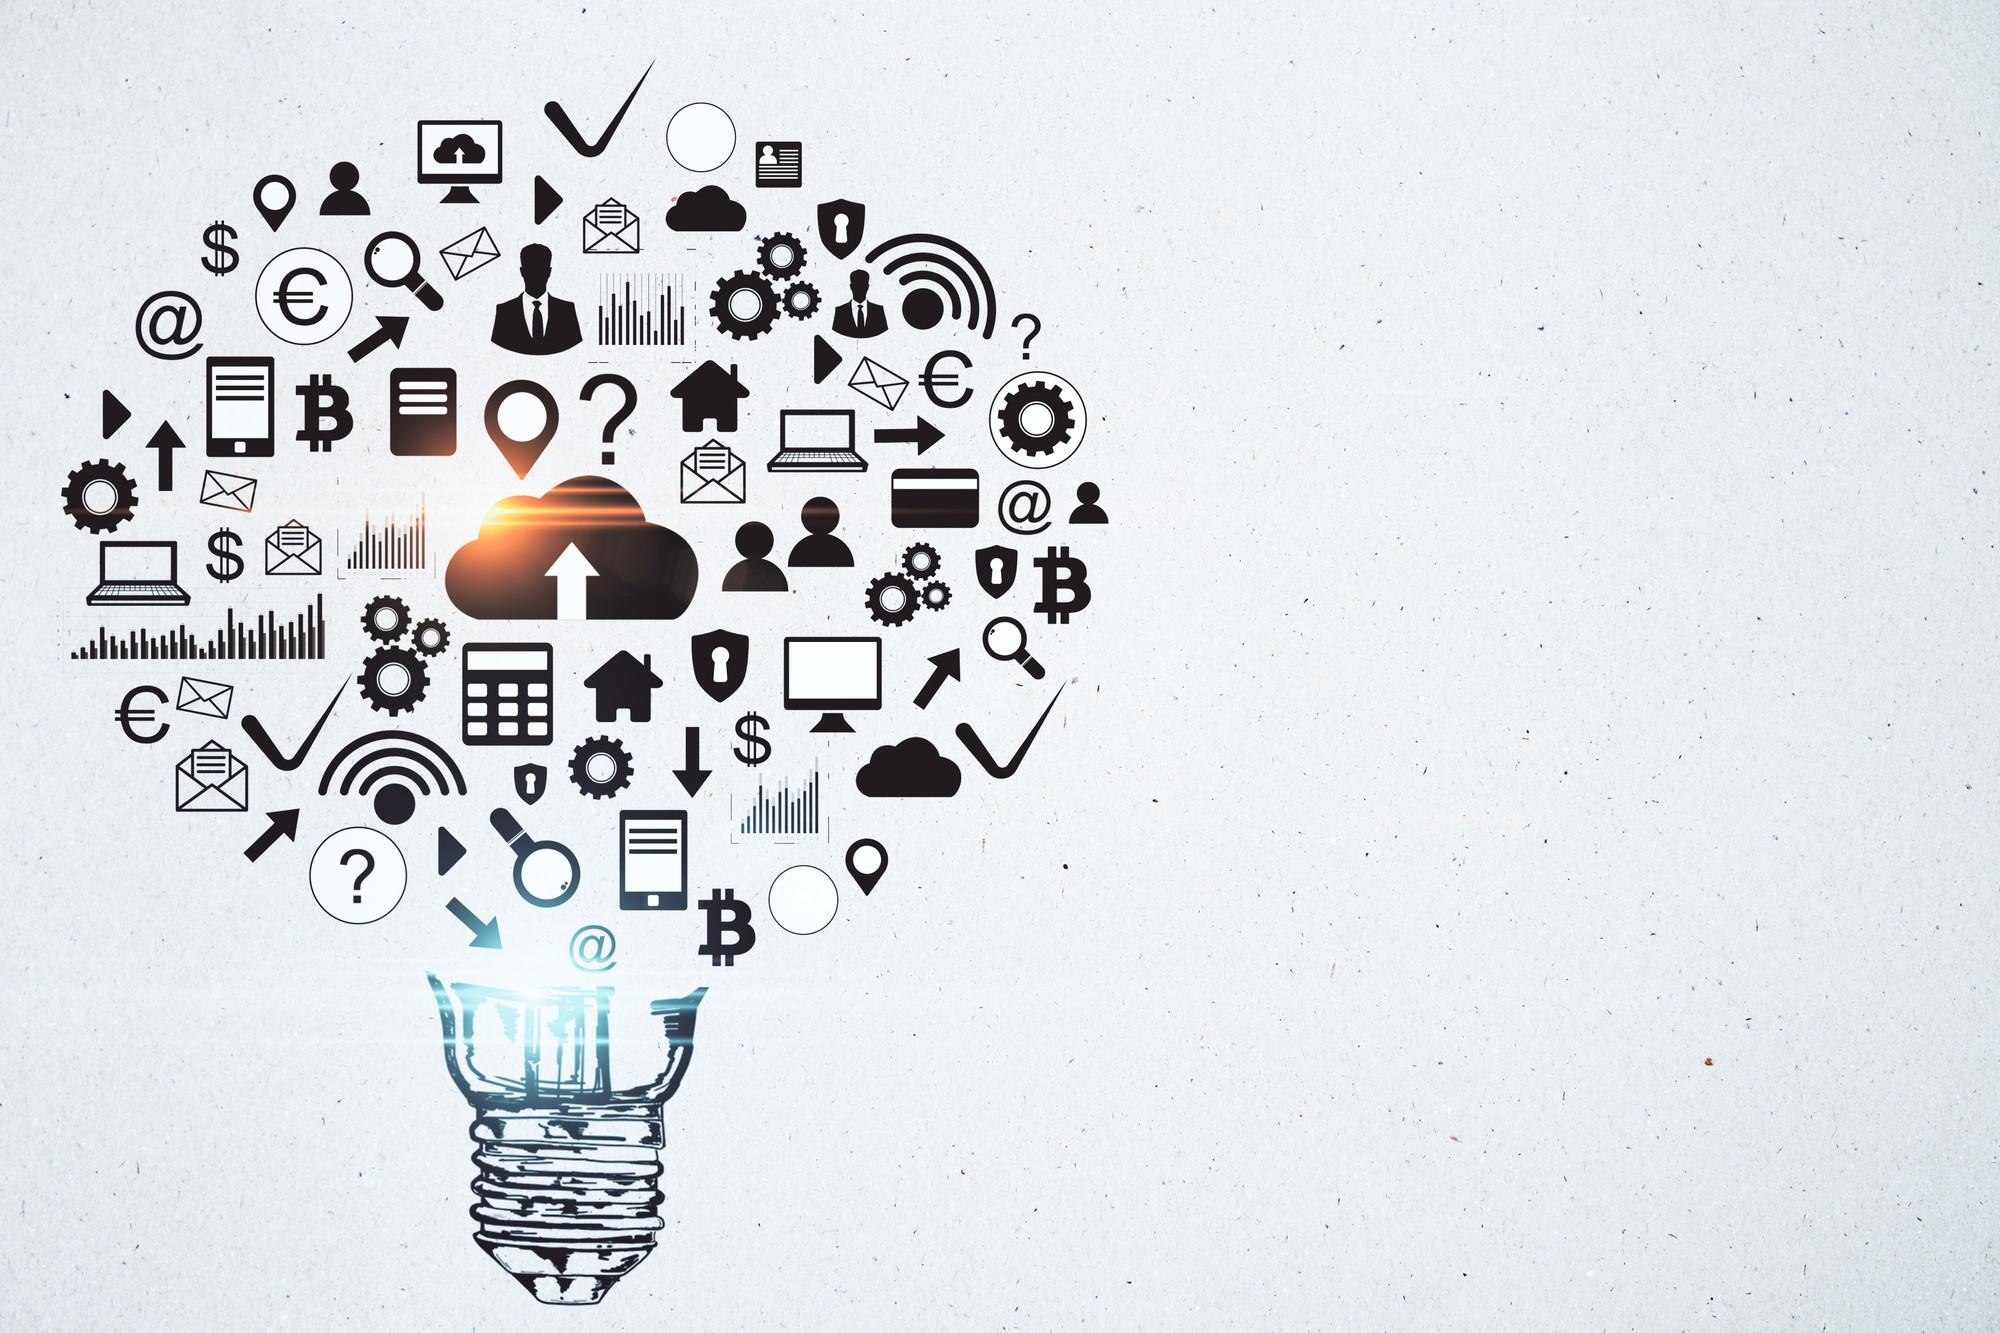 formato de lâmpada feita com digrama composto por tecnologia representando mindset digital